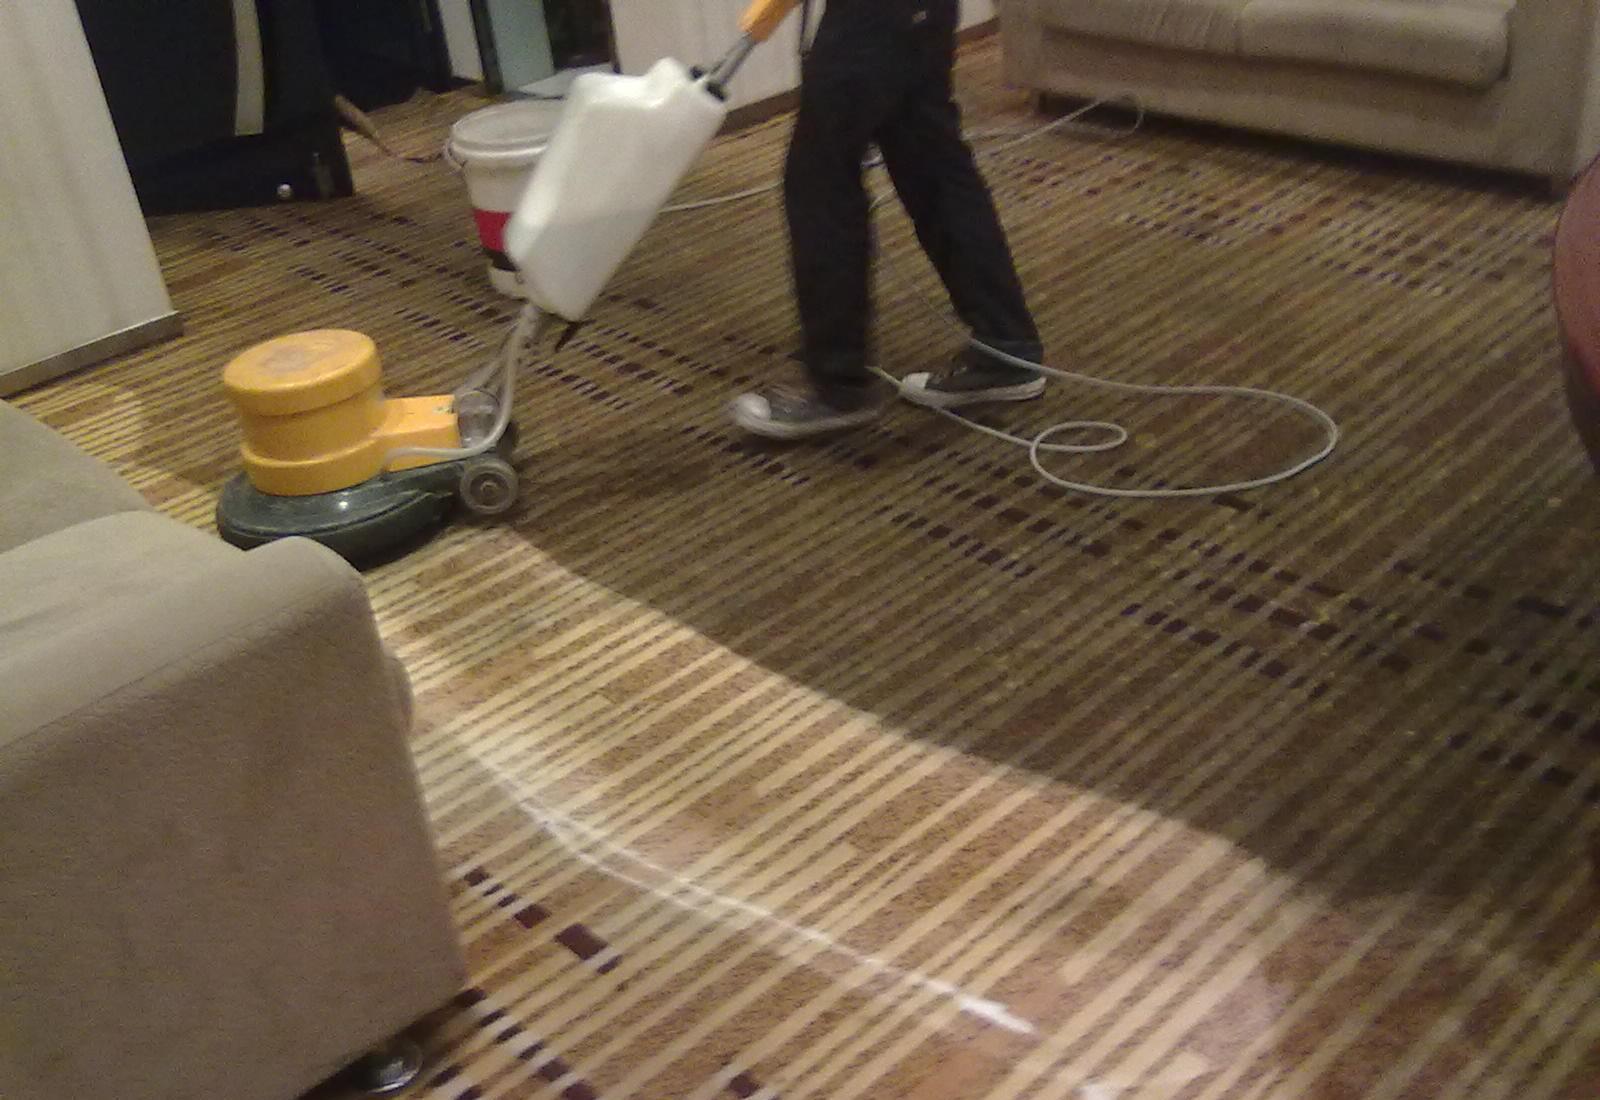 南开区广开街清洗地毯公司—专业承接办公酒店地毯清洗服务价优